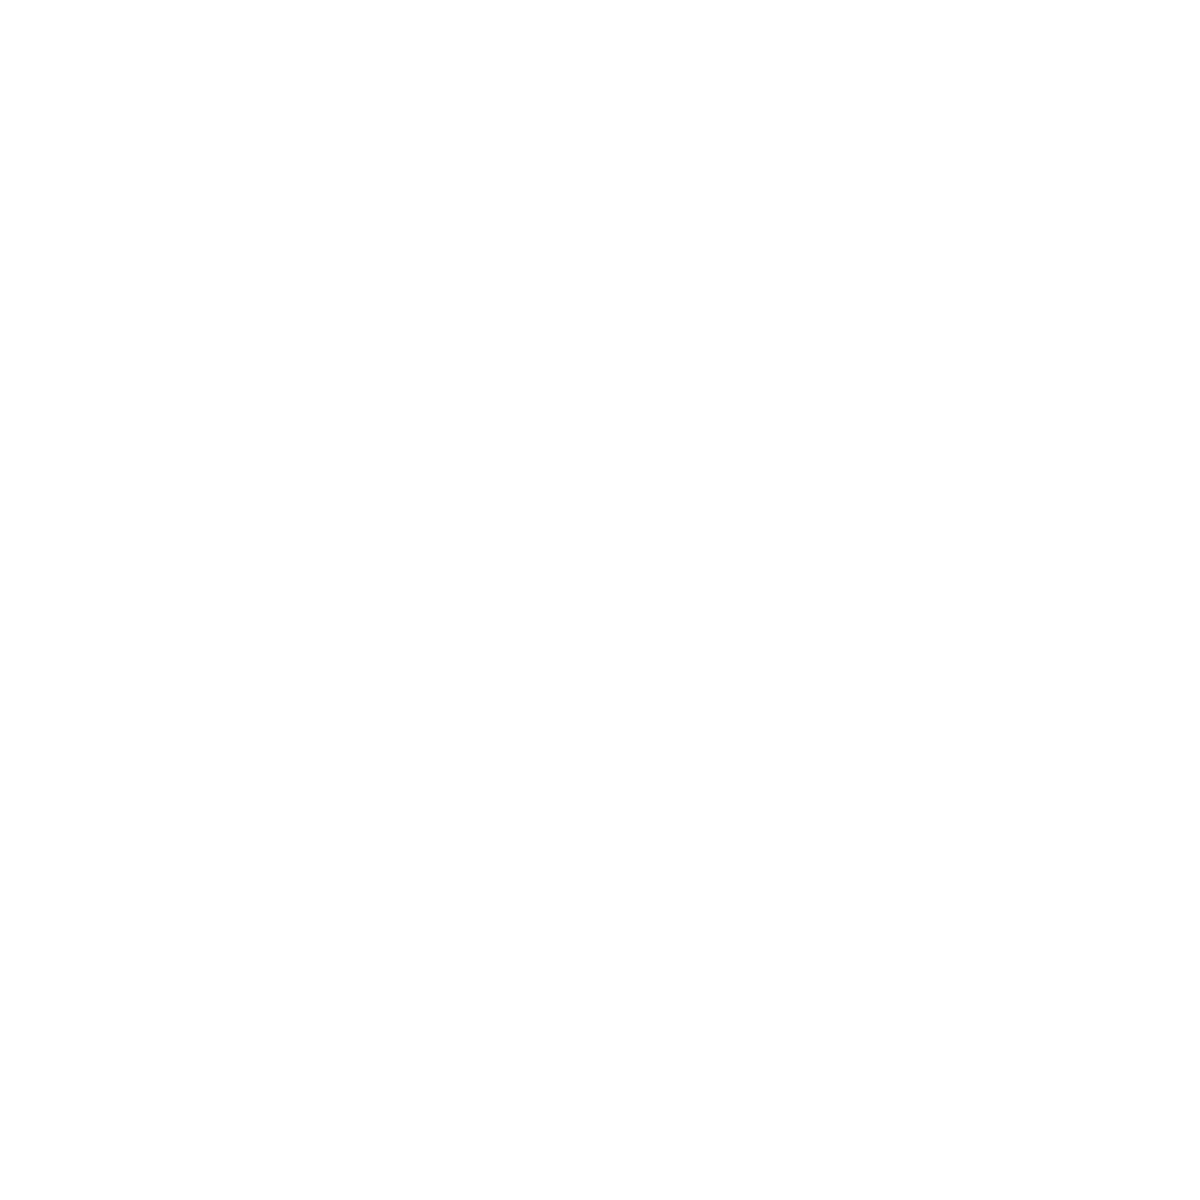 Chat online ljubavni Random Text